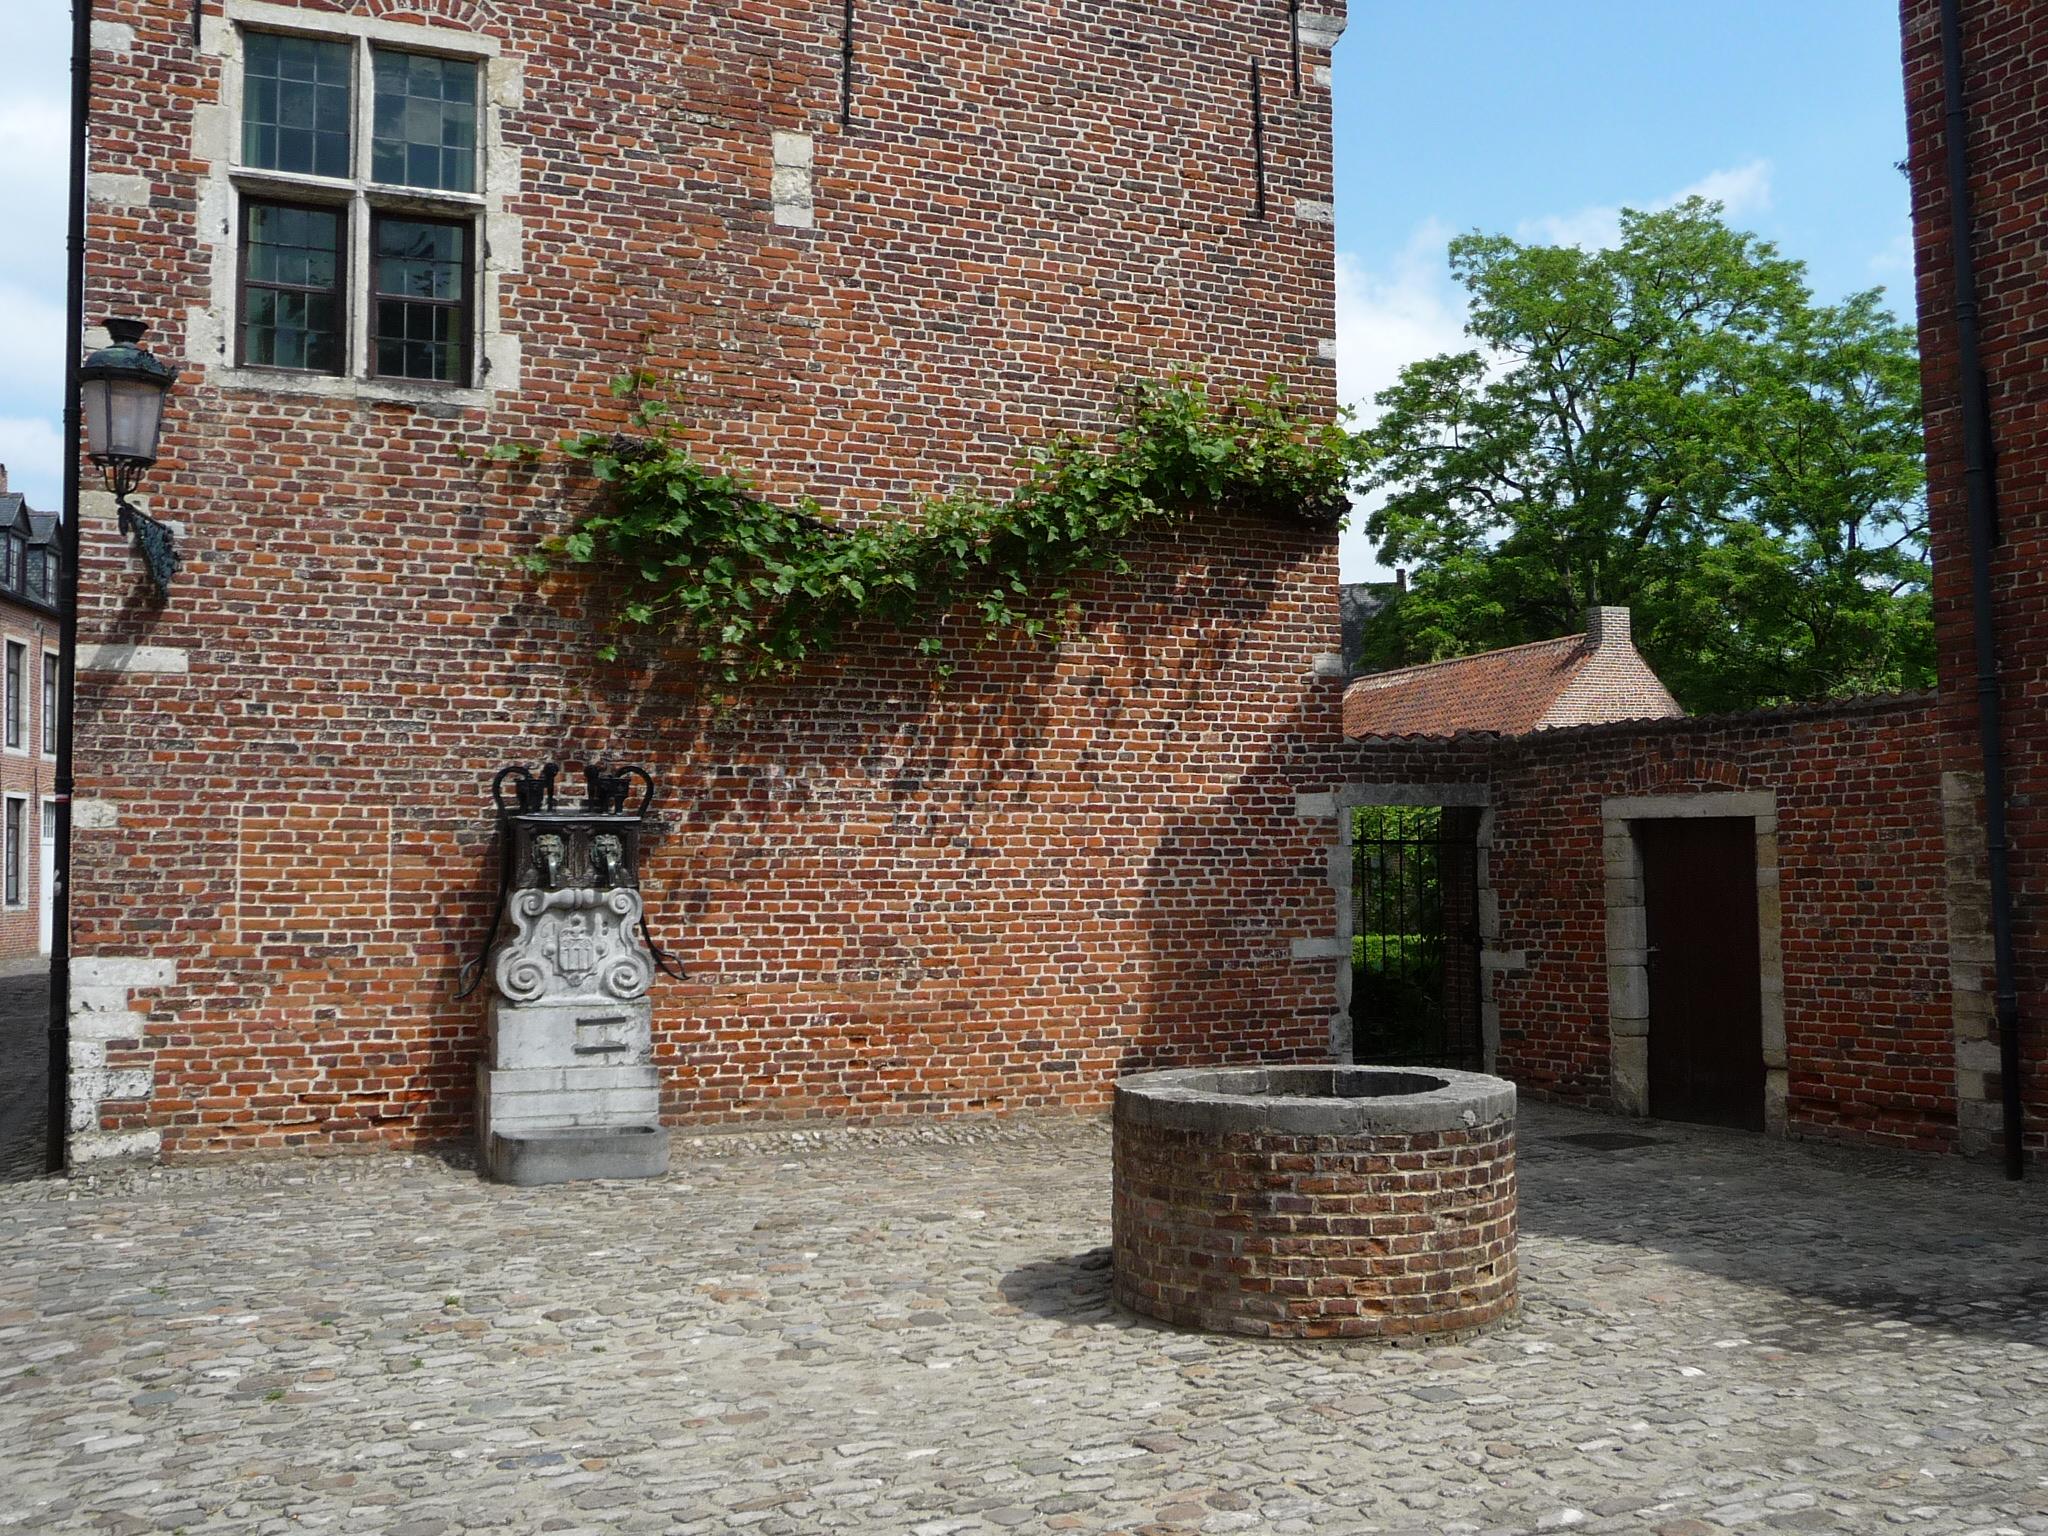 The Groot Begijnhof is a UNESCO site